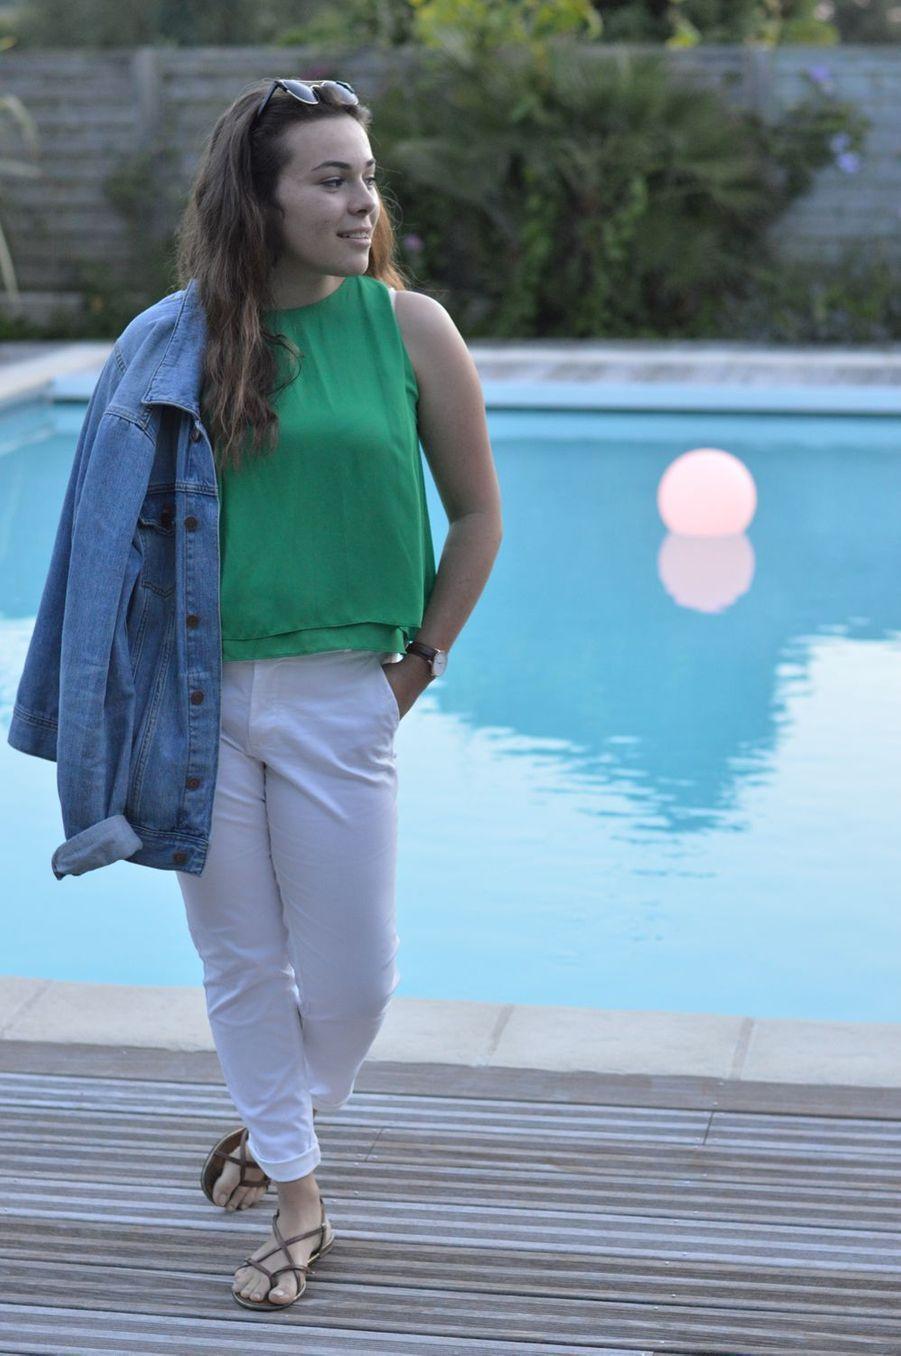 Avec un top vert, un pantalon blanc et des sandales plates : pour un look chic et décontraté